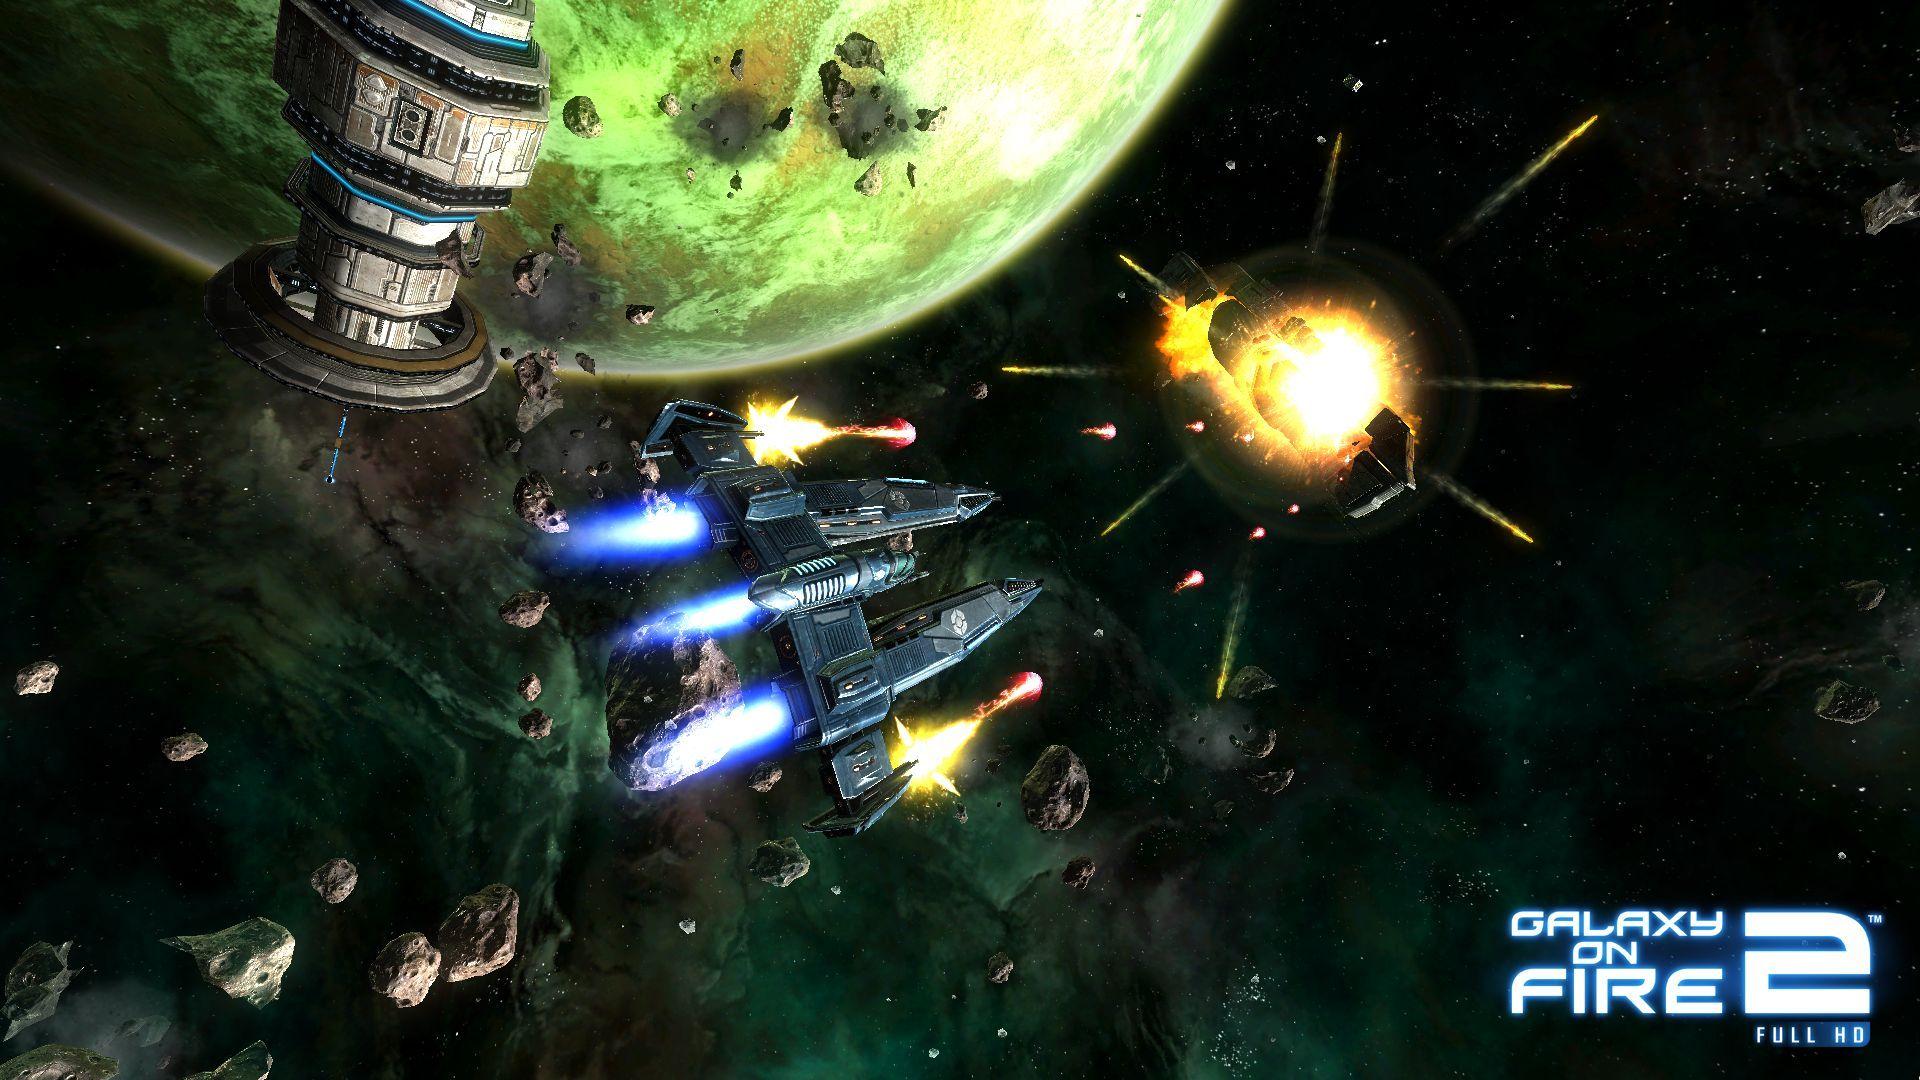 Galaxy On Fire 2 Full HD Gamescz